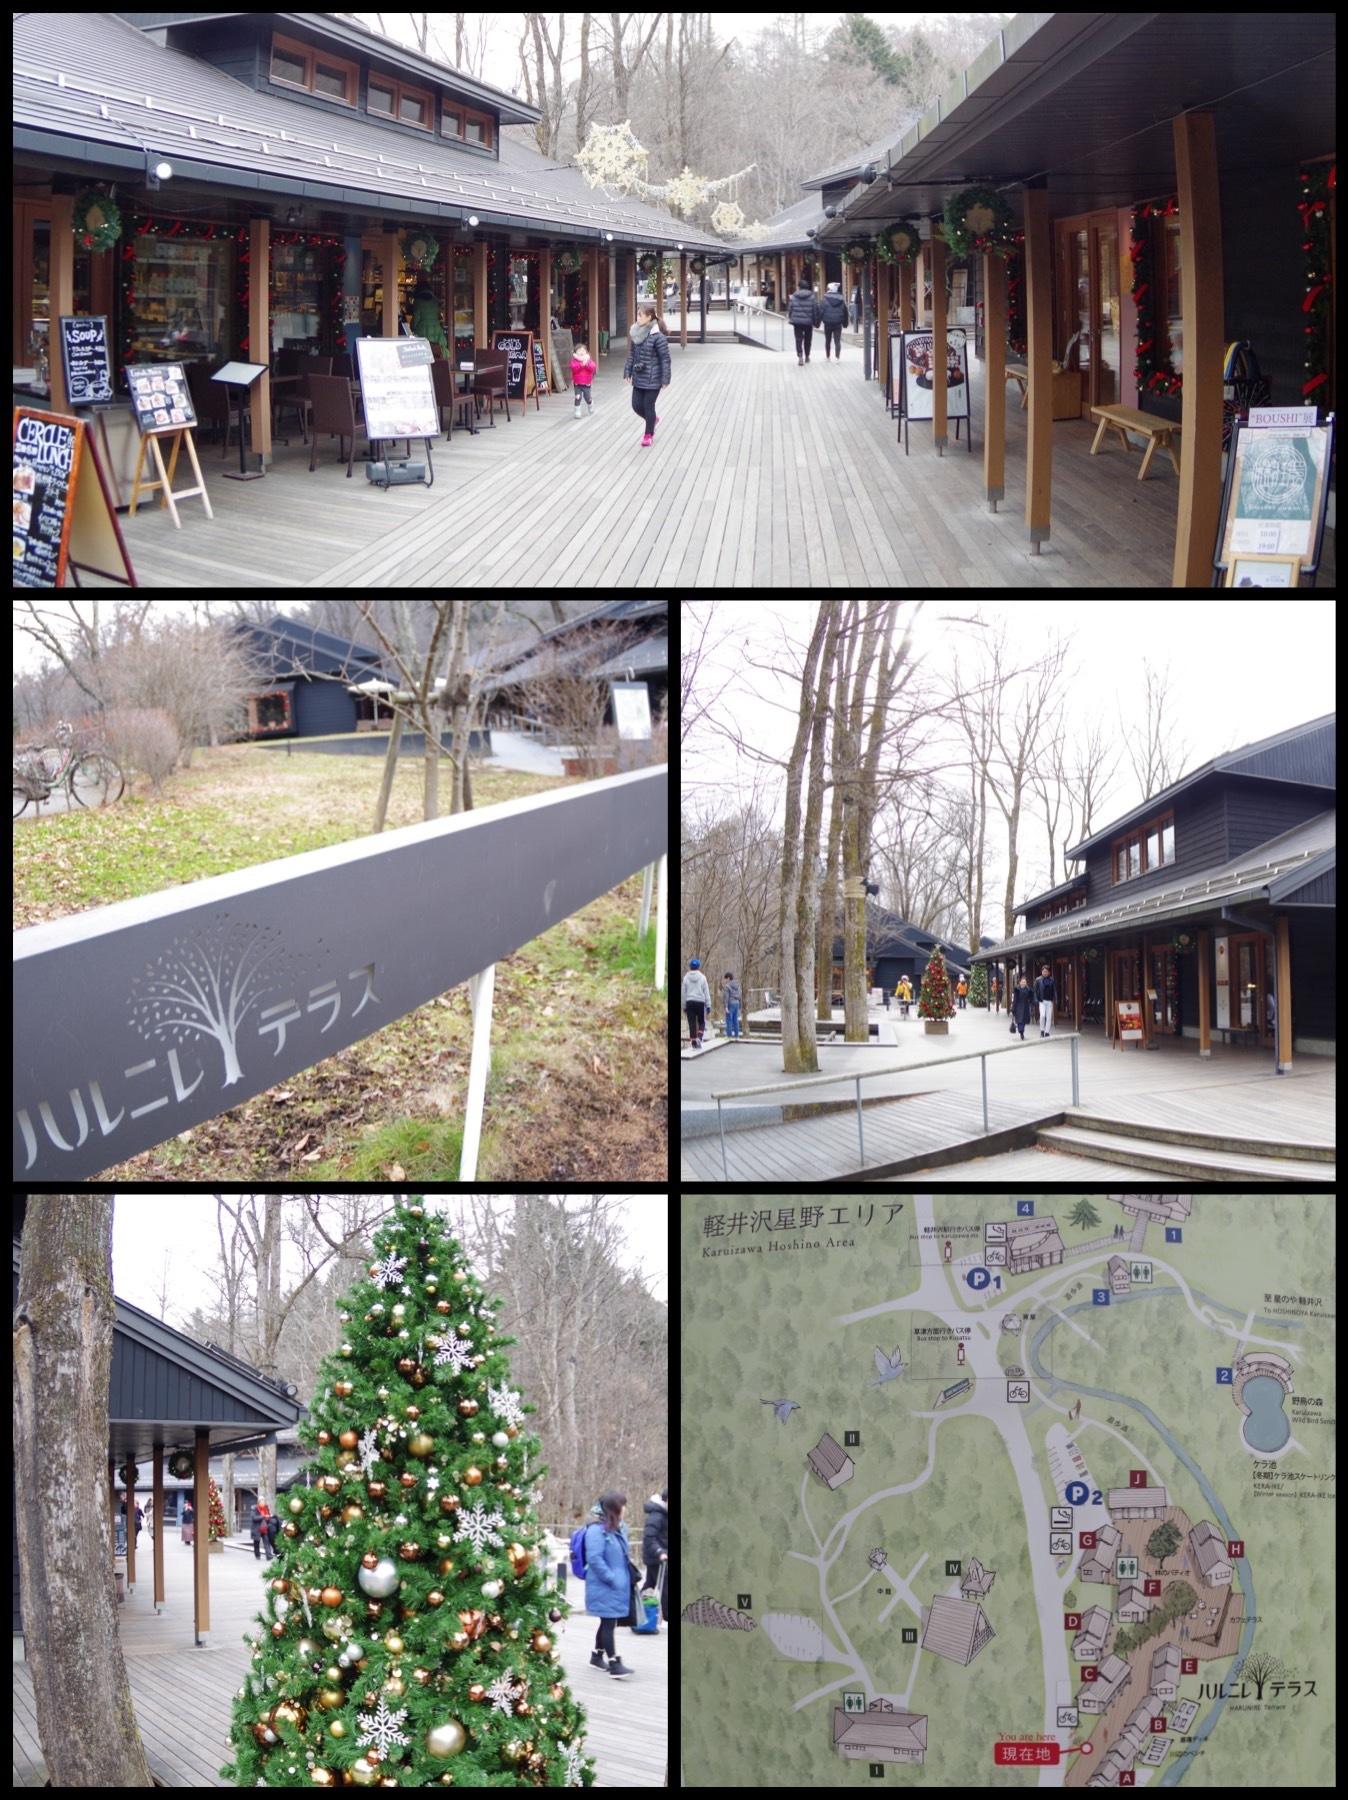 軽井沢 星のリゾート ハルニレテラス クリスマス